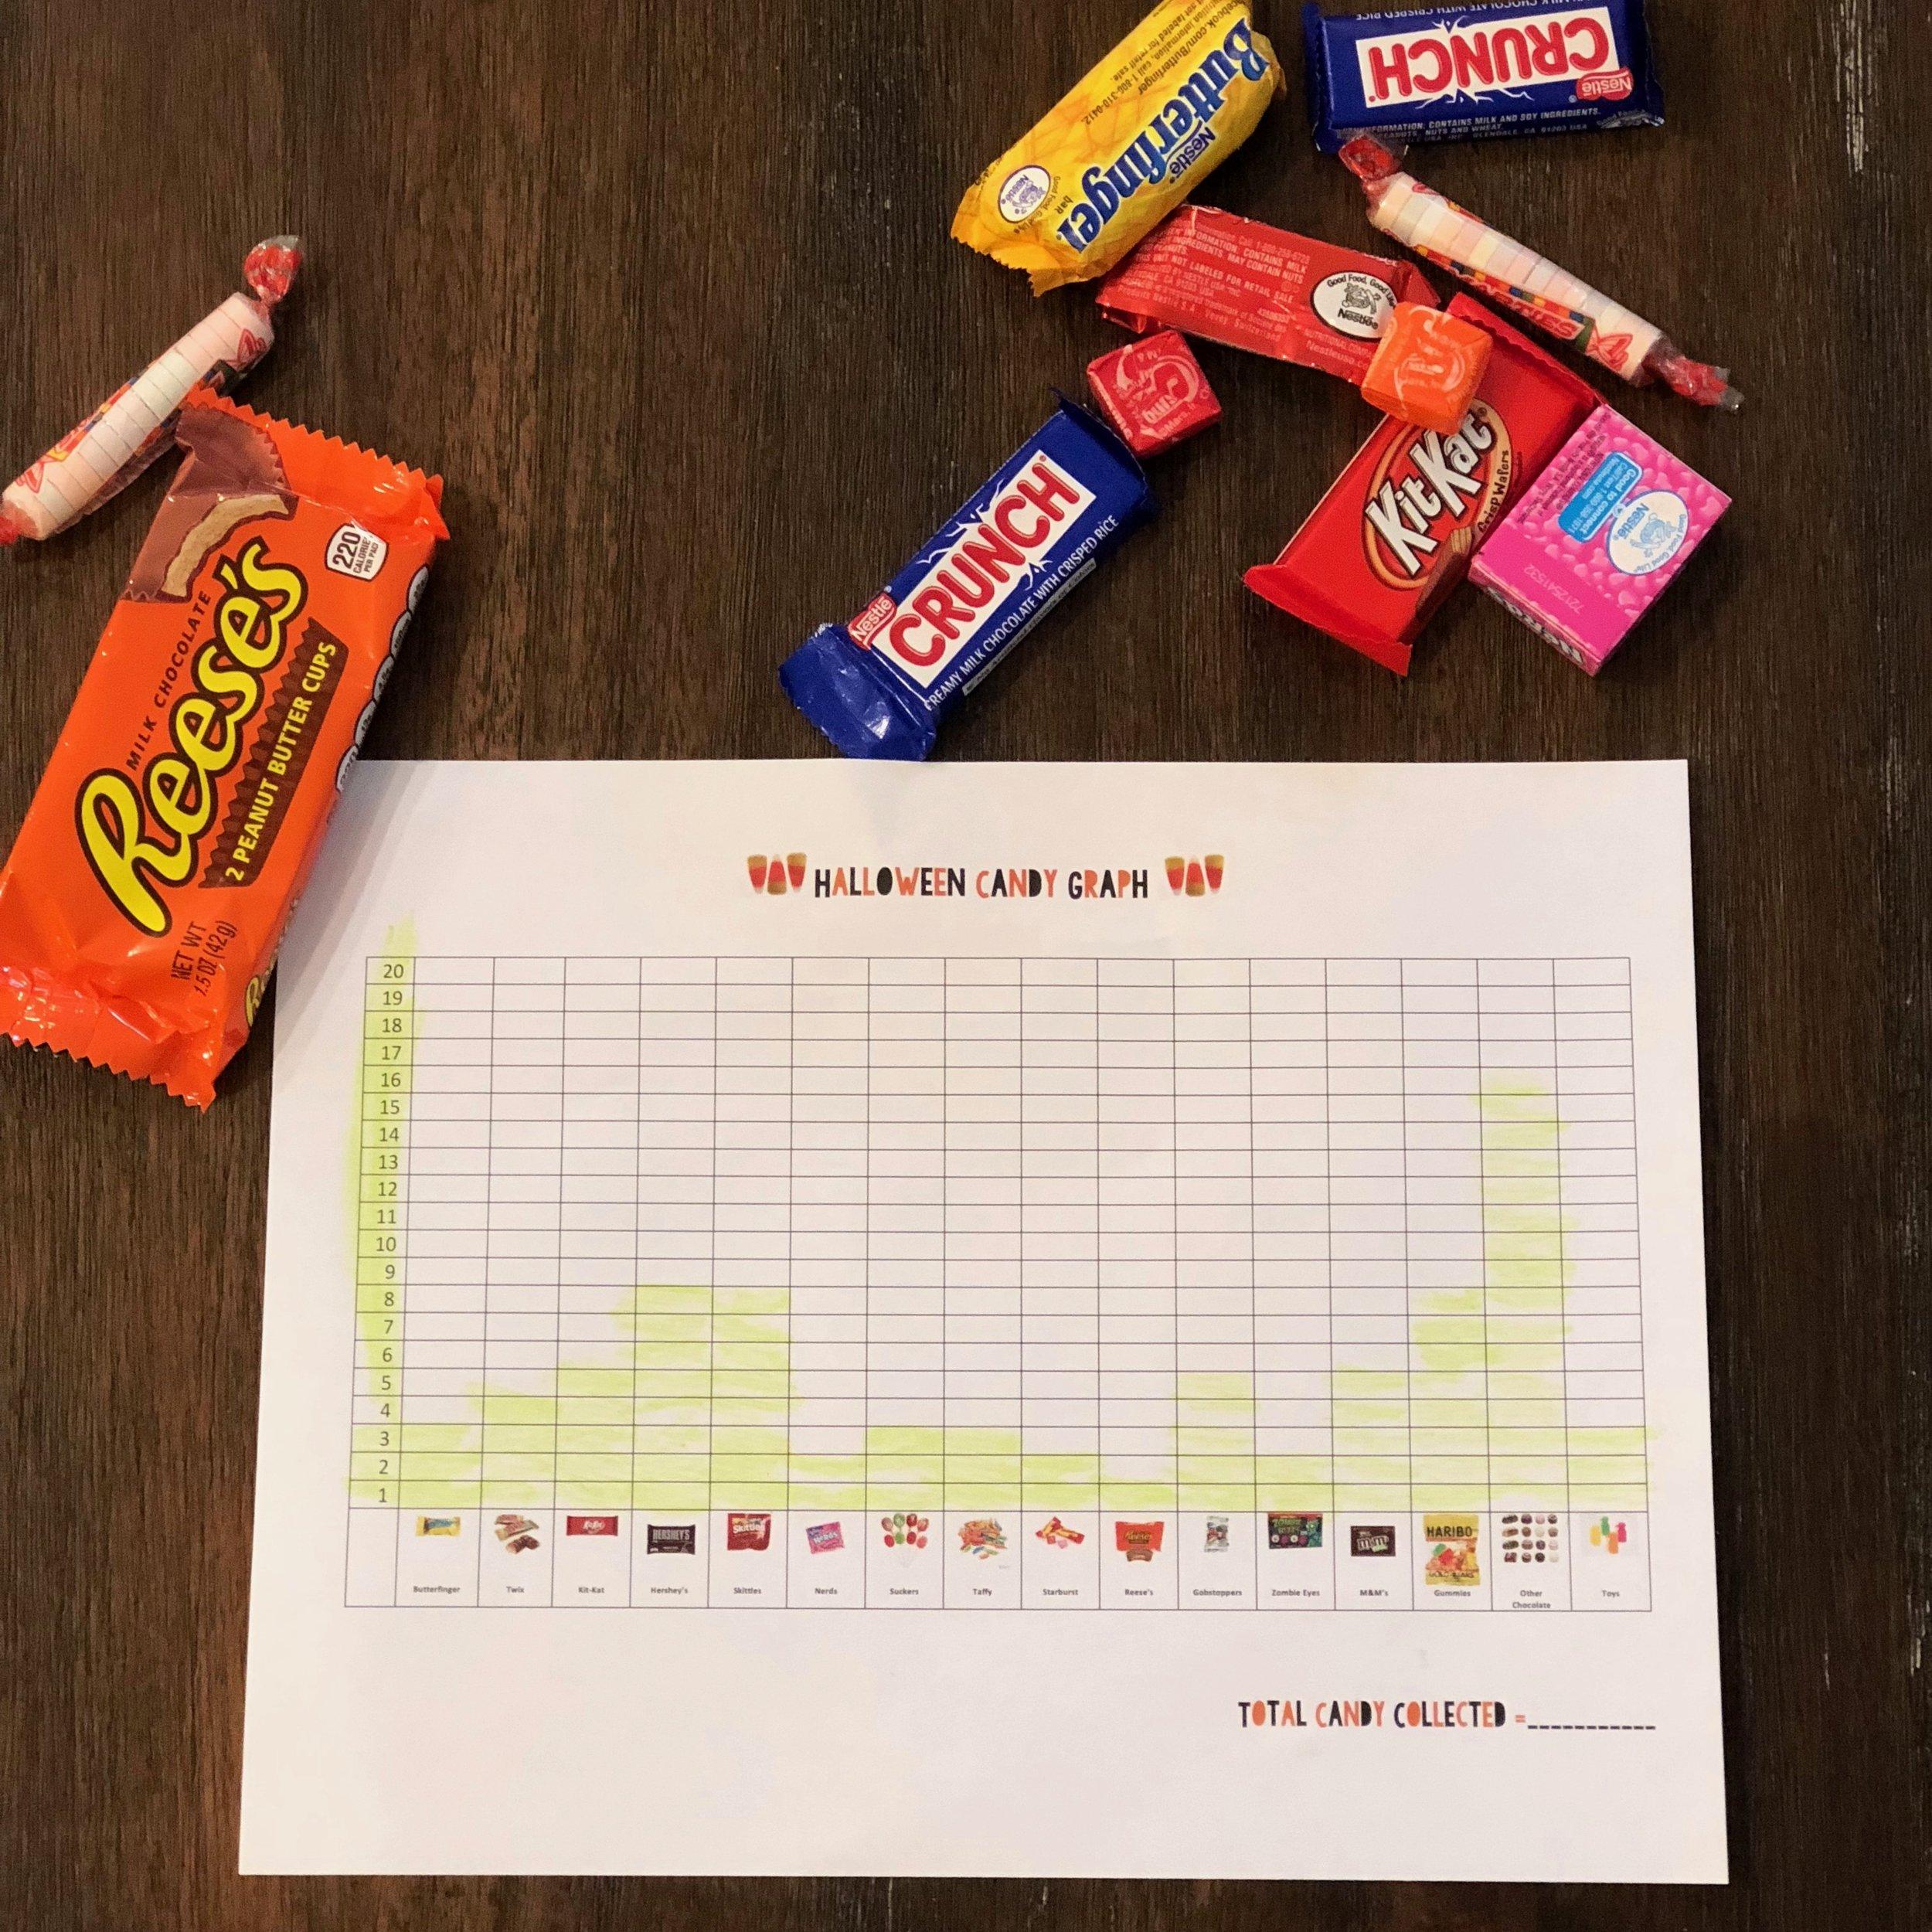 Halloween Candy Graph.jpg